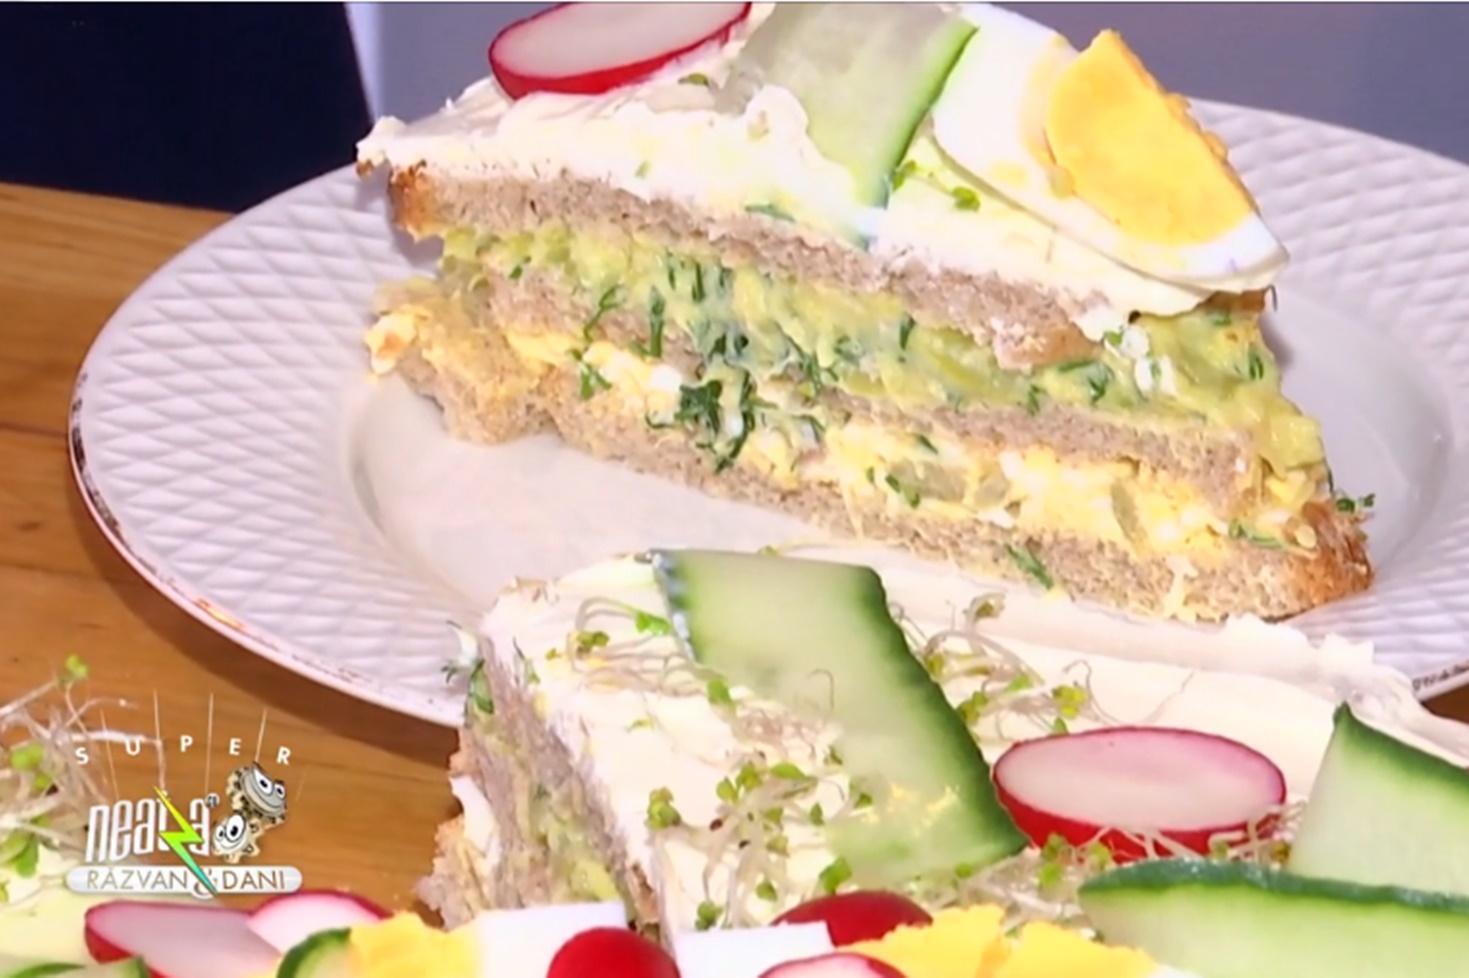 Rețetă de tort pentru micul dejun sau tort aperitiv, preparată de Oana Trifu la Neatza cu Răzvan și Dani